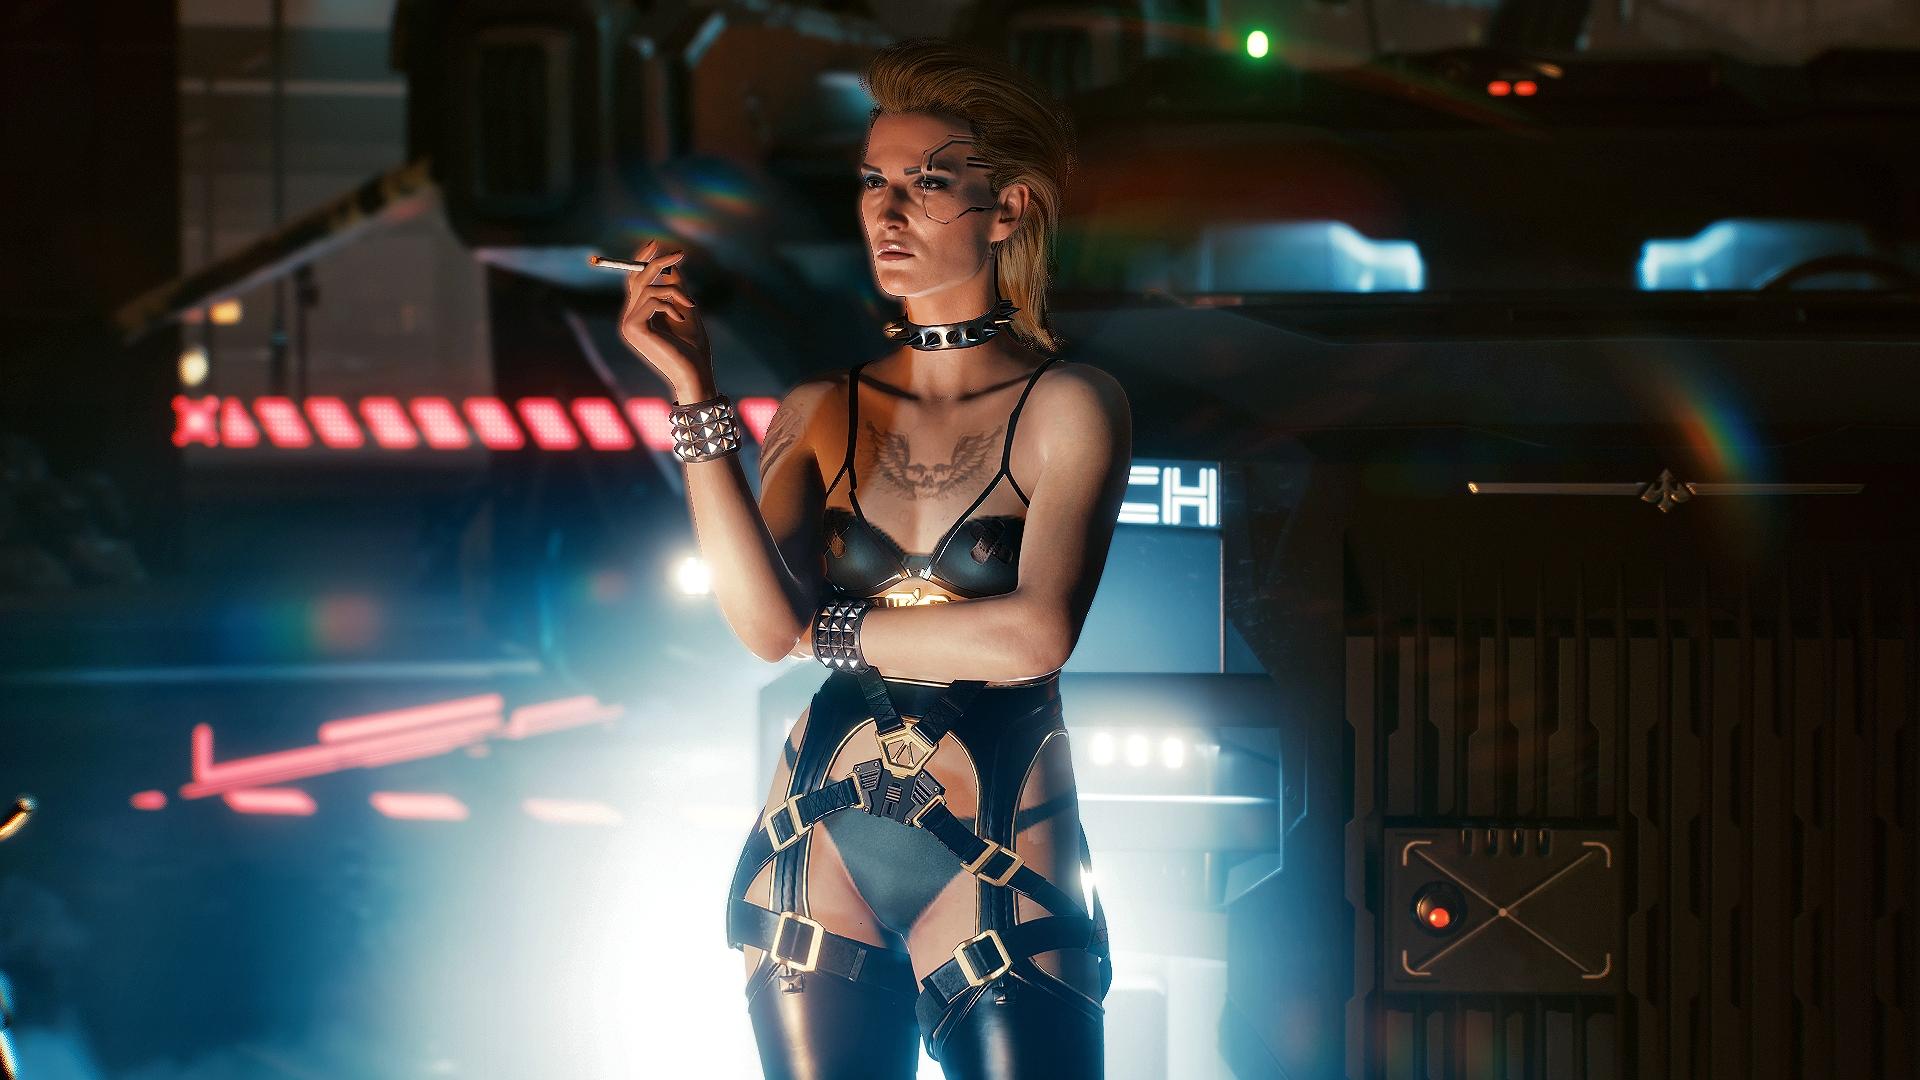 photo153634.jpg - Cyberpunk 2077